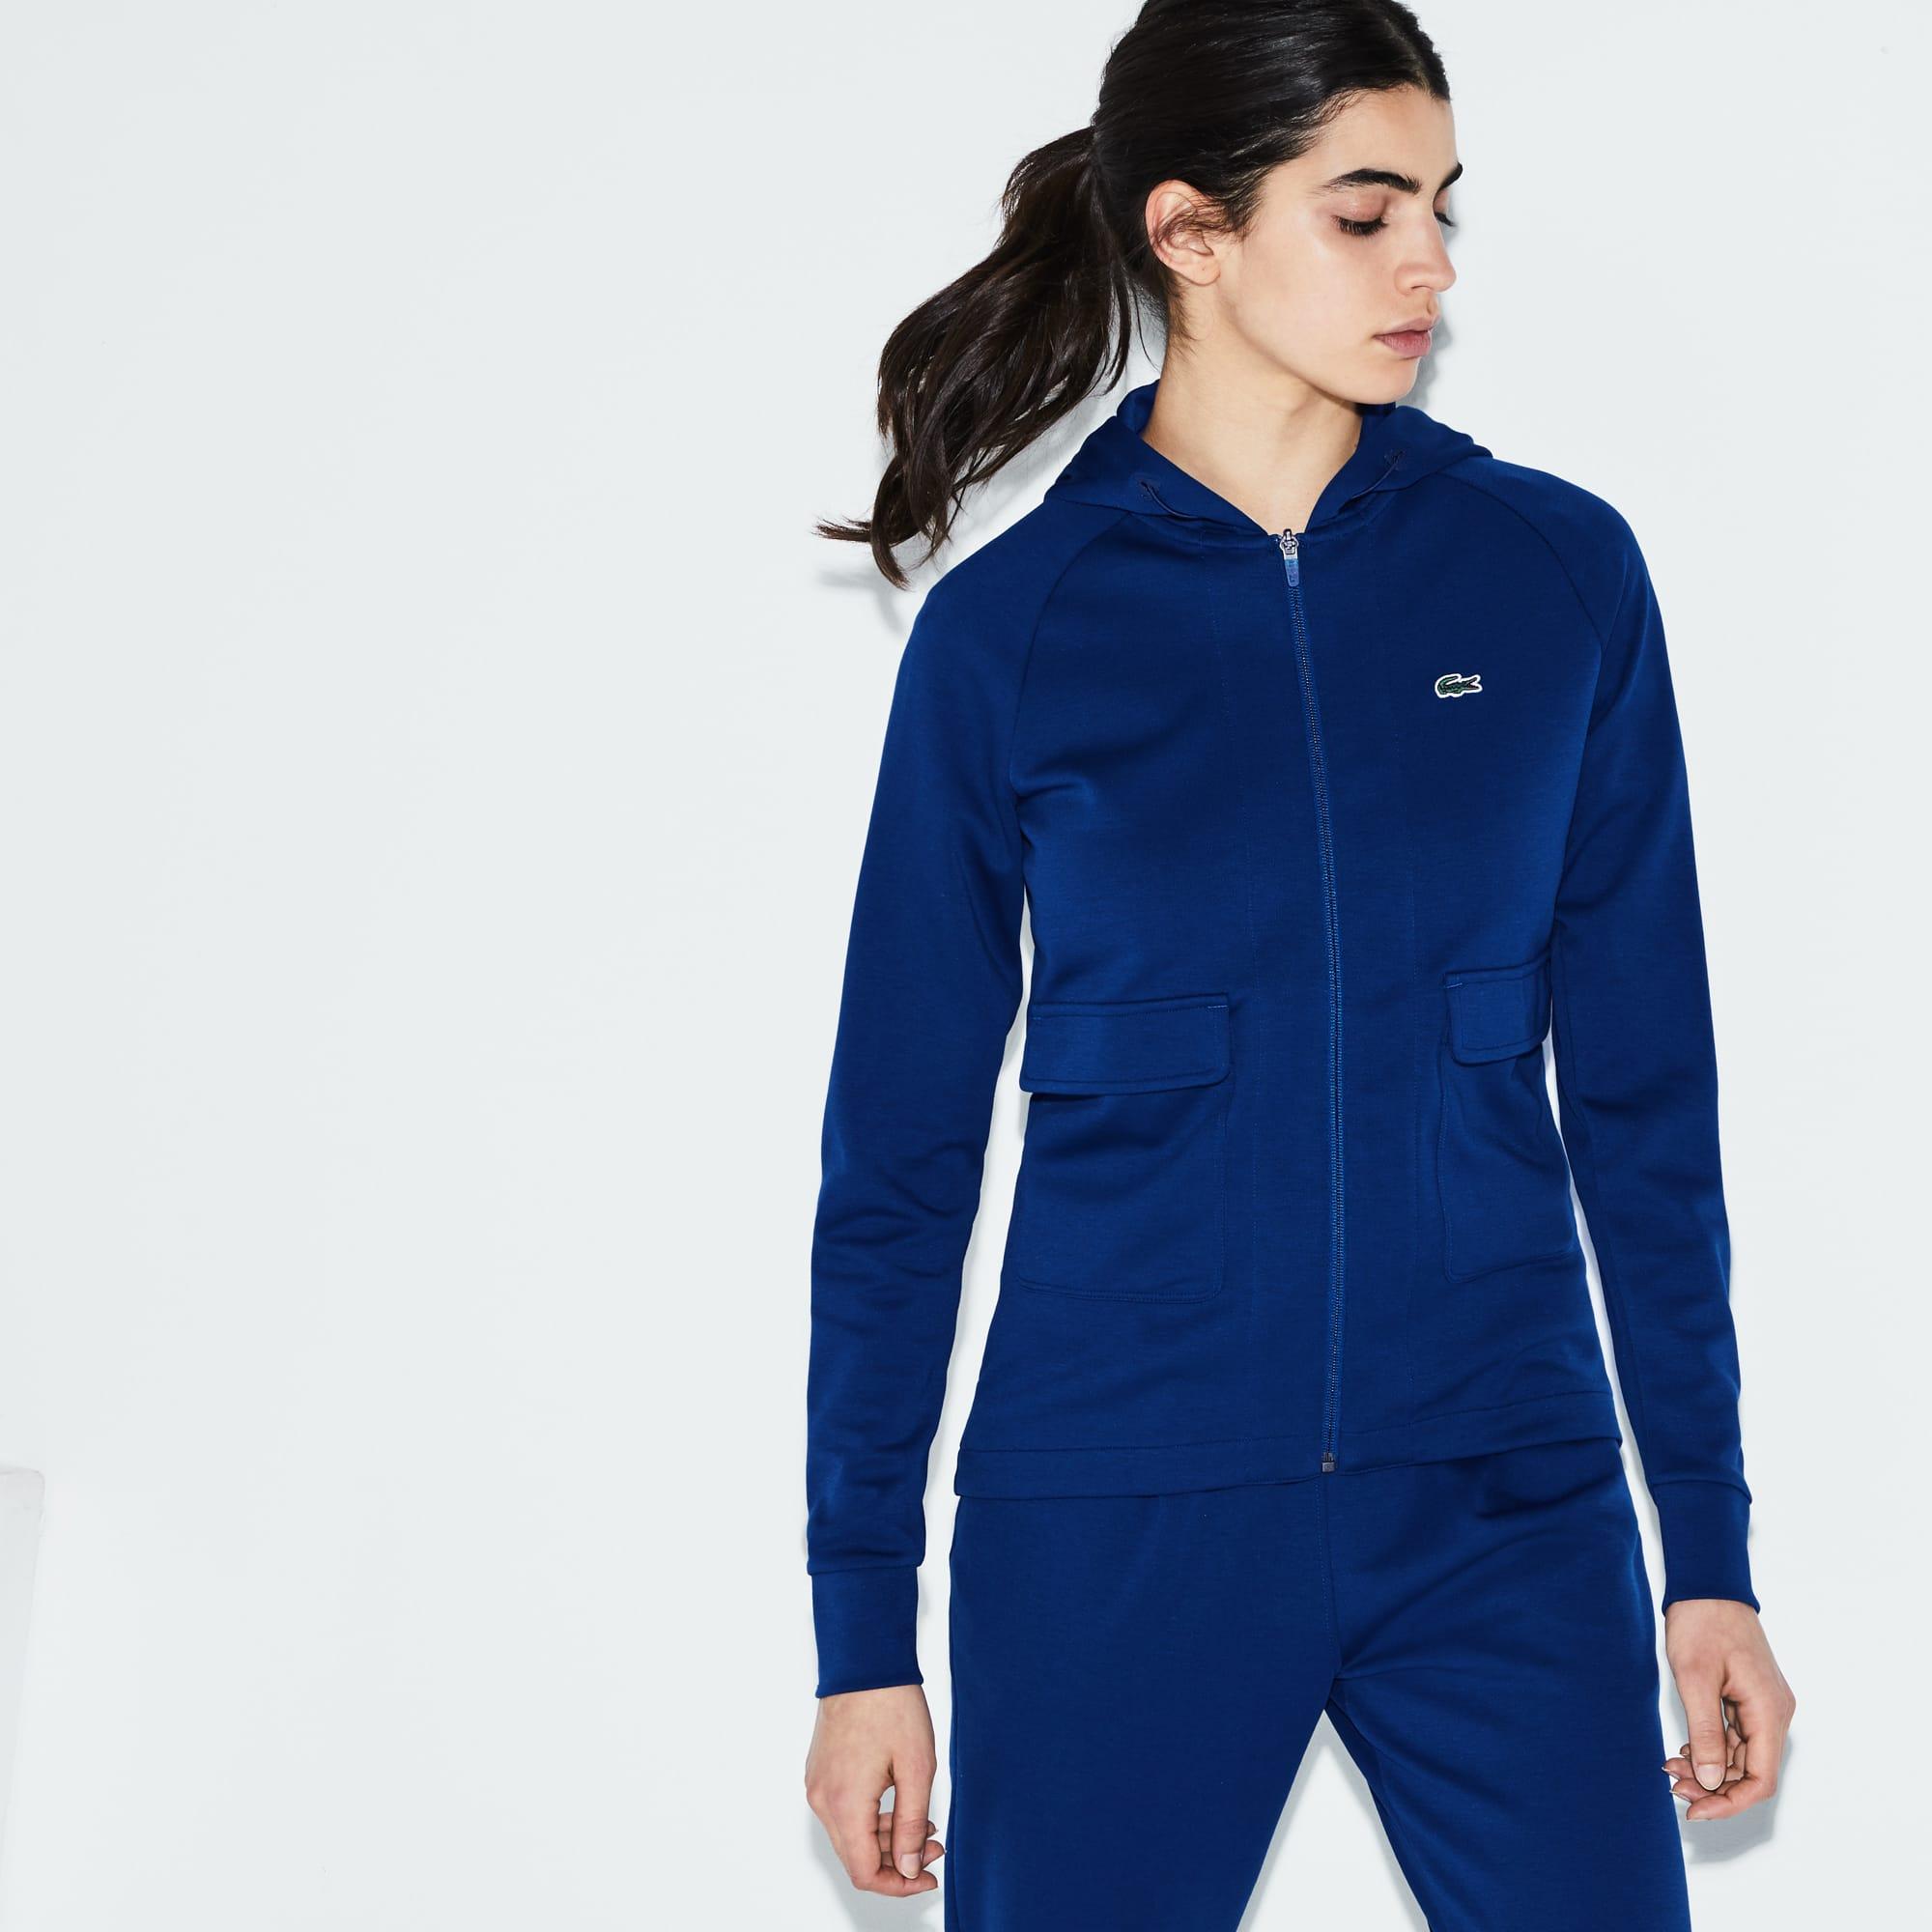 Sweatshirt com fecho de correr e capuz Tennis Lacoste SPORT em algodão unicolor